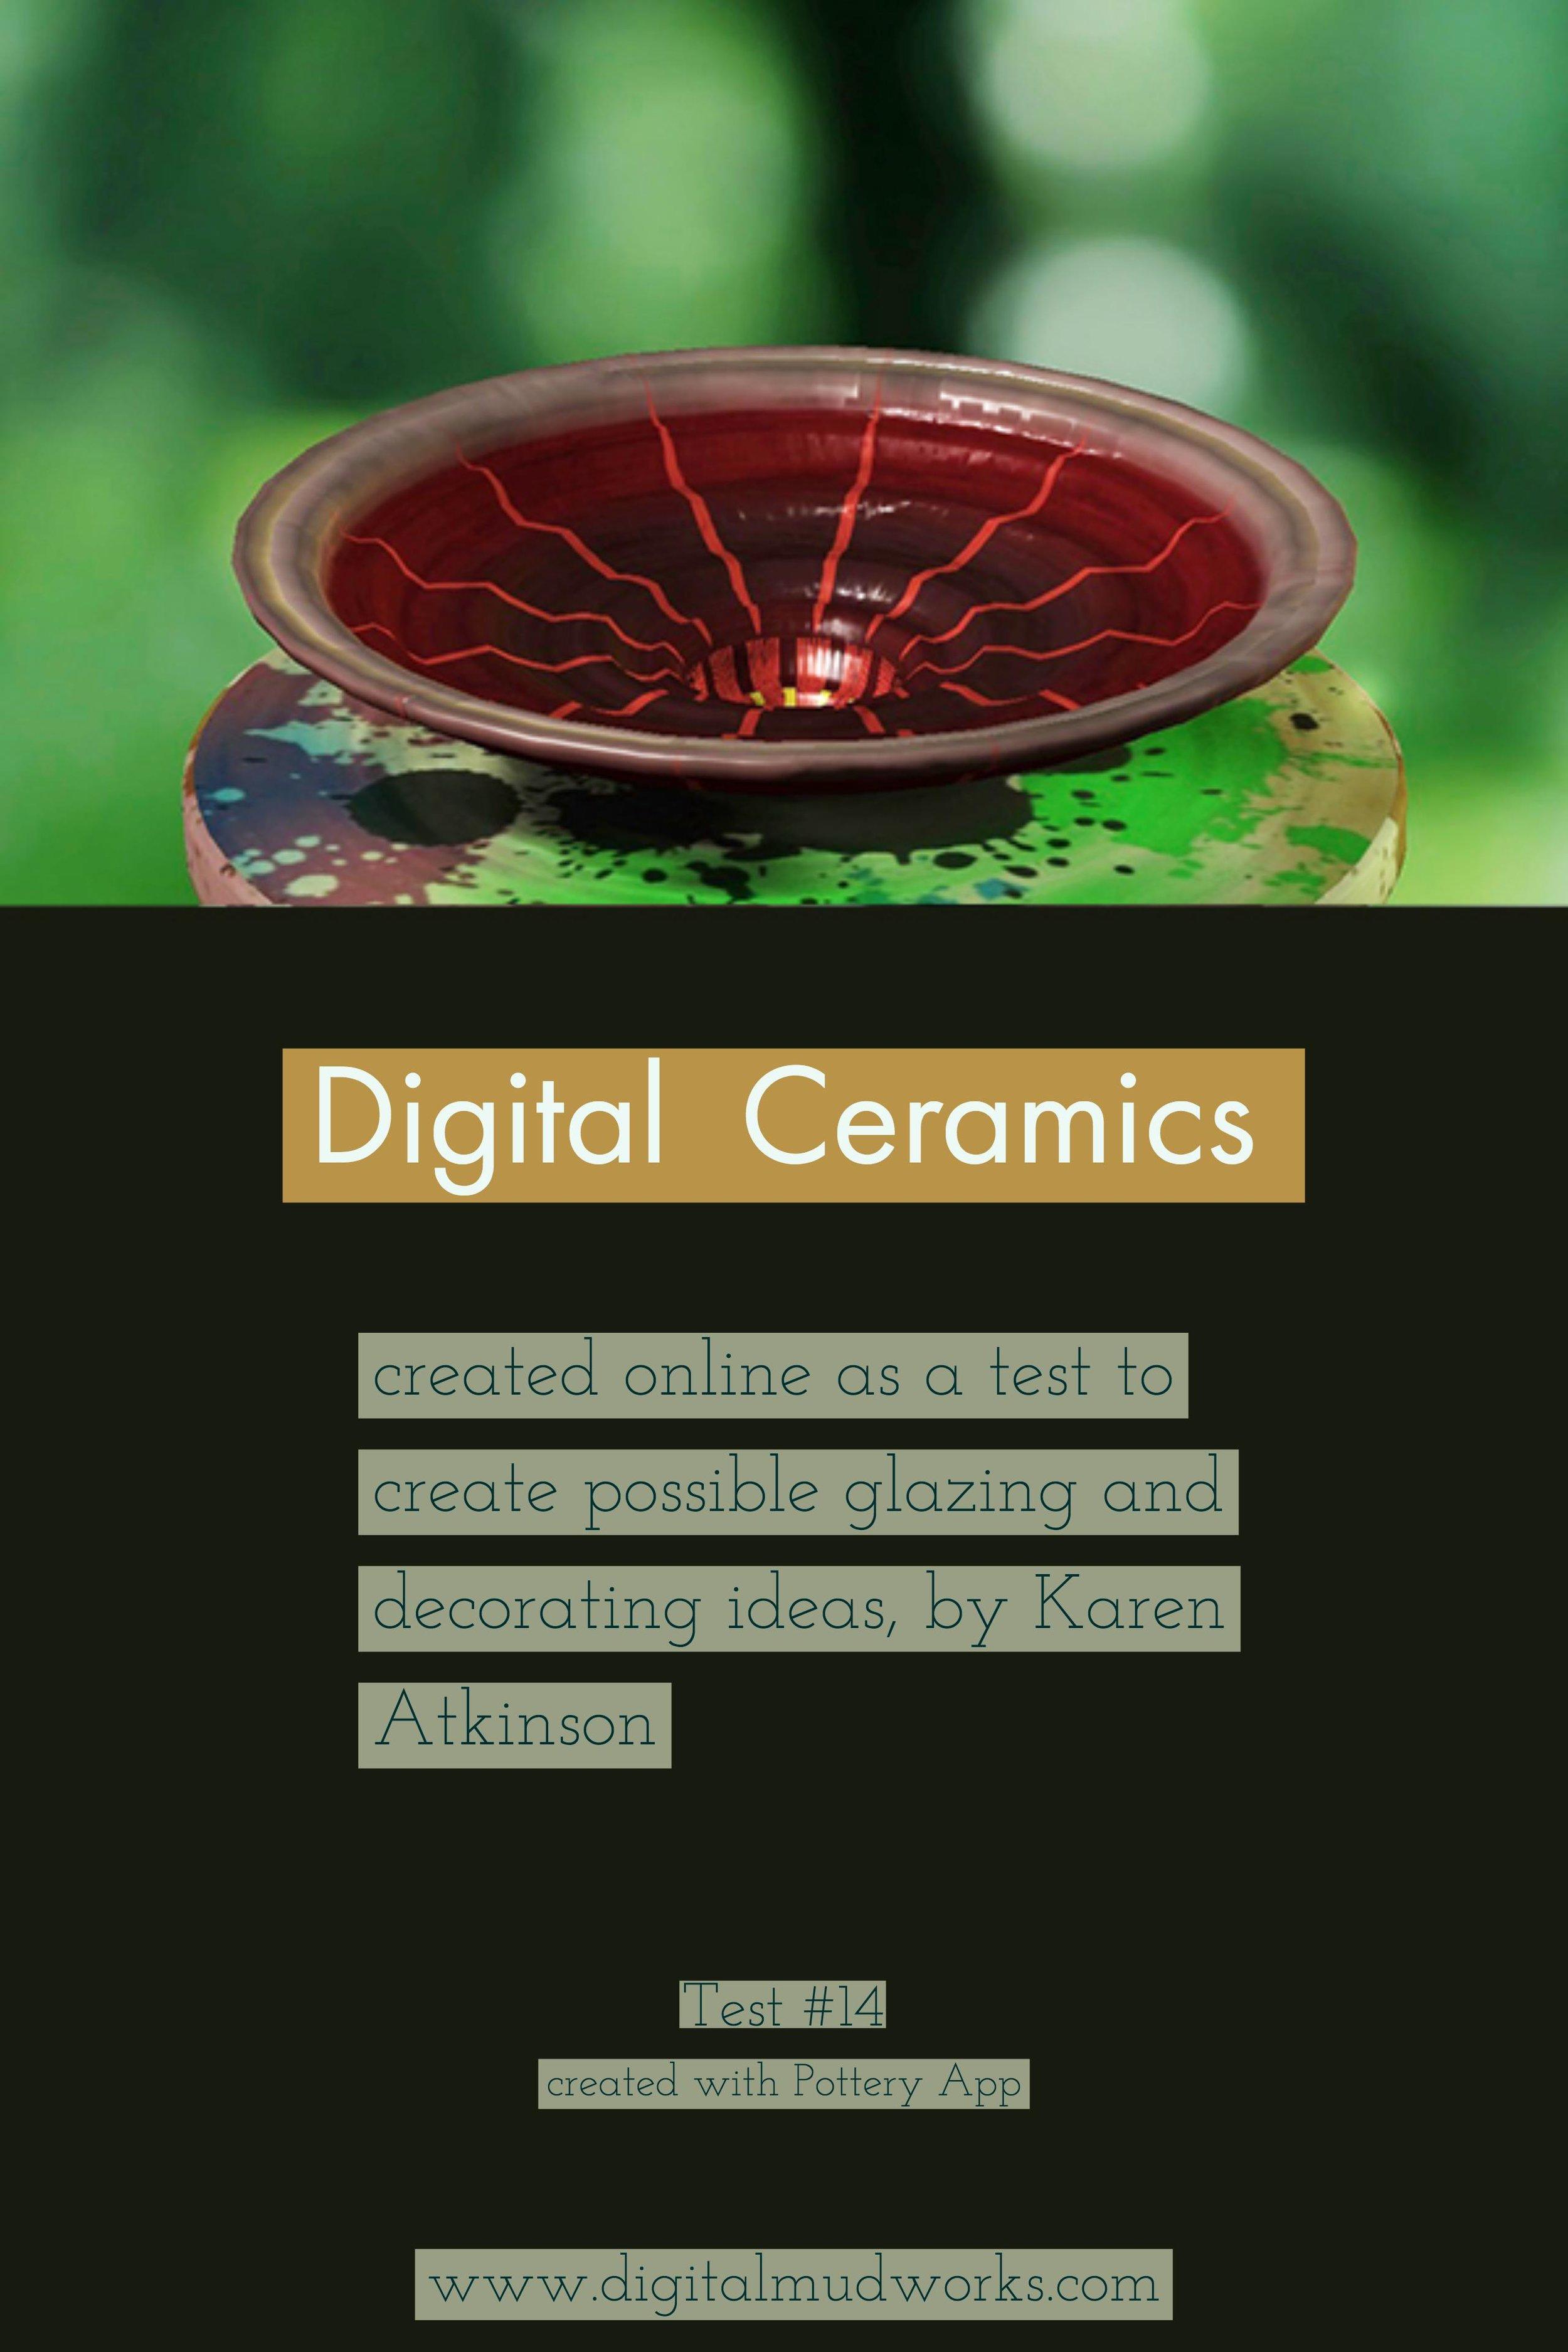 Digital Ceramics Test 014, using a computer app to do glaze and design tests. by Karen Atkinson